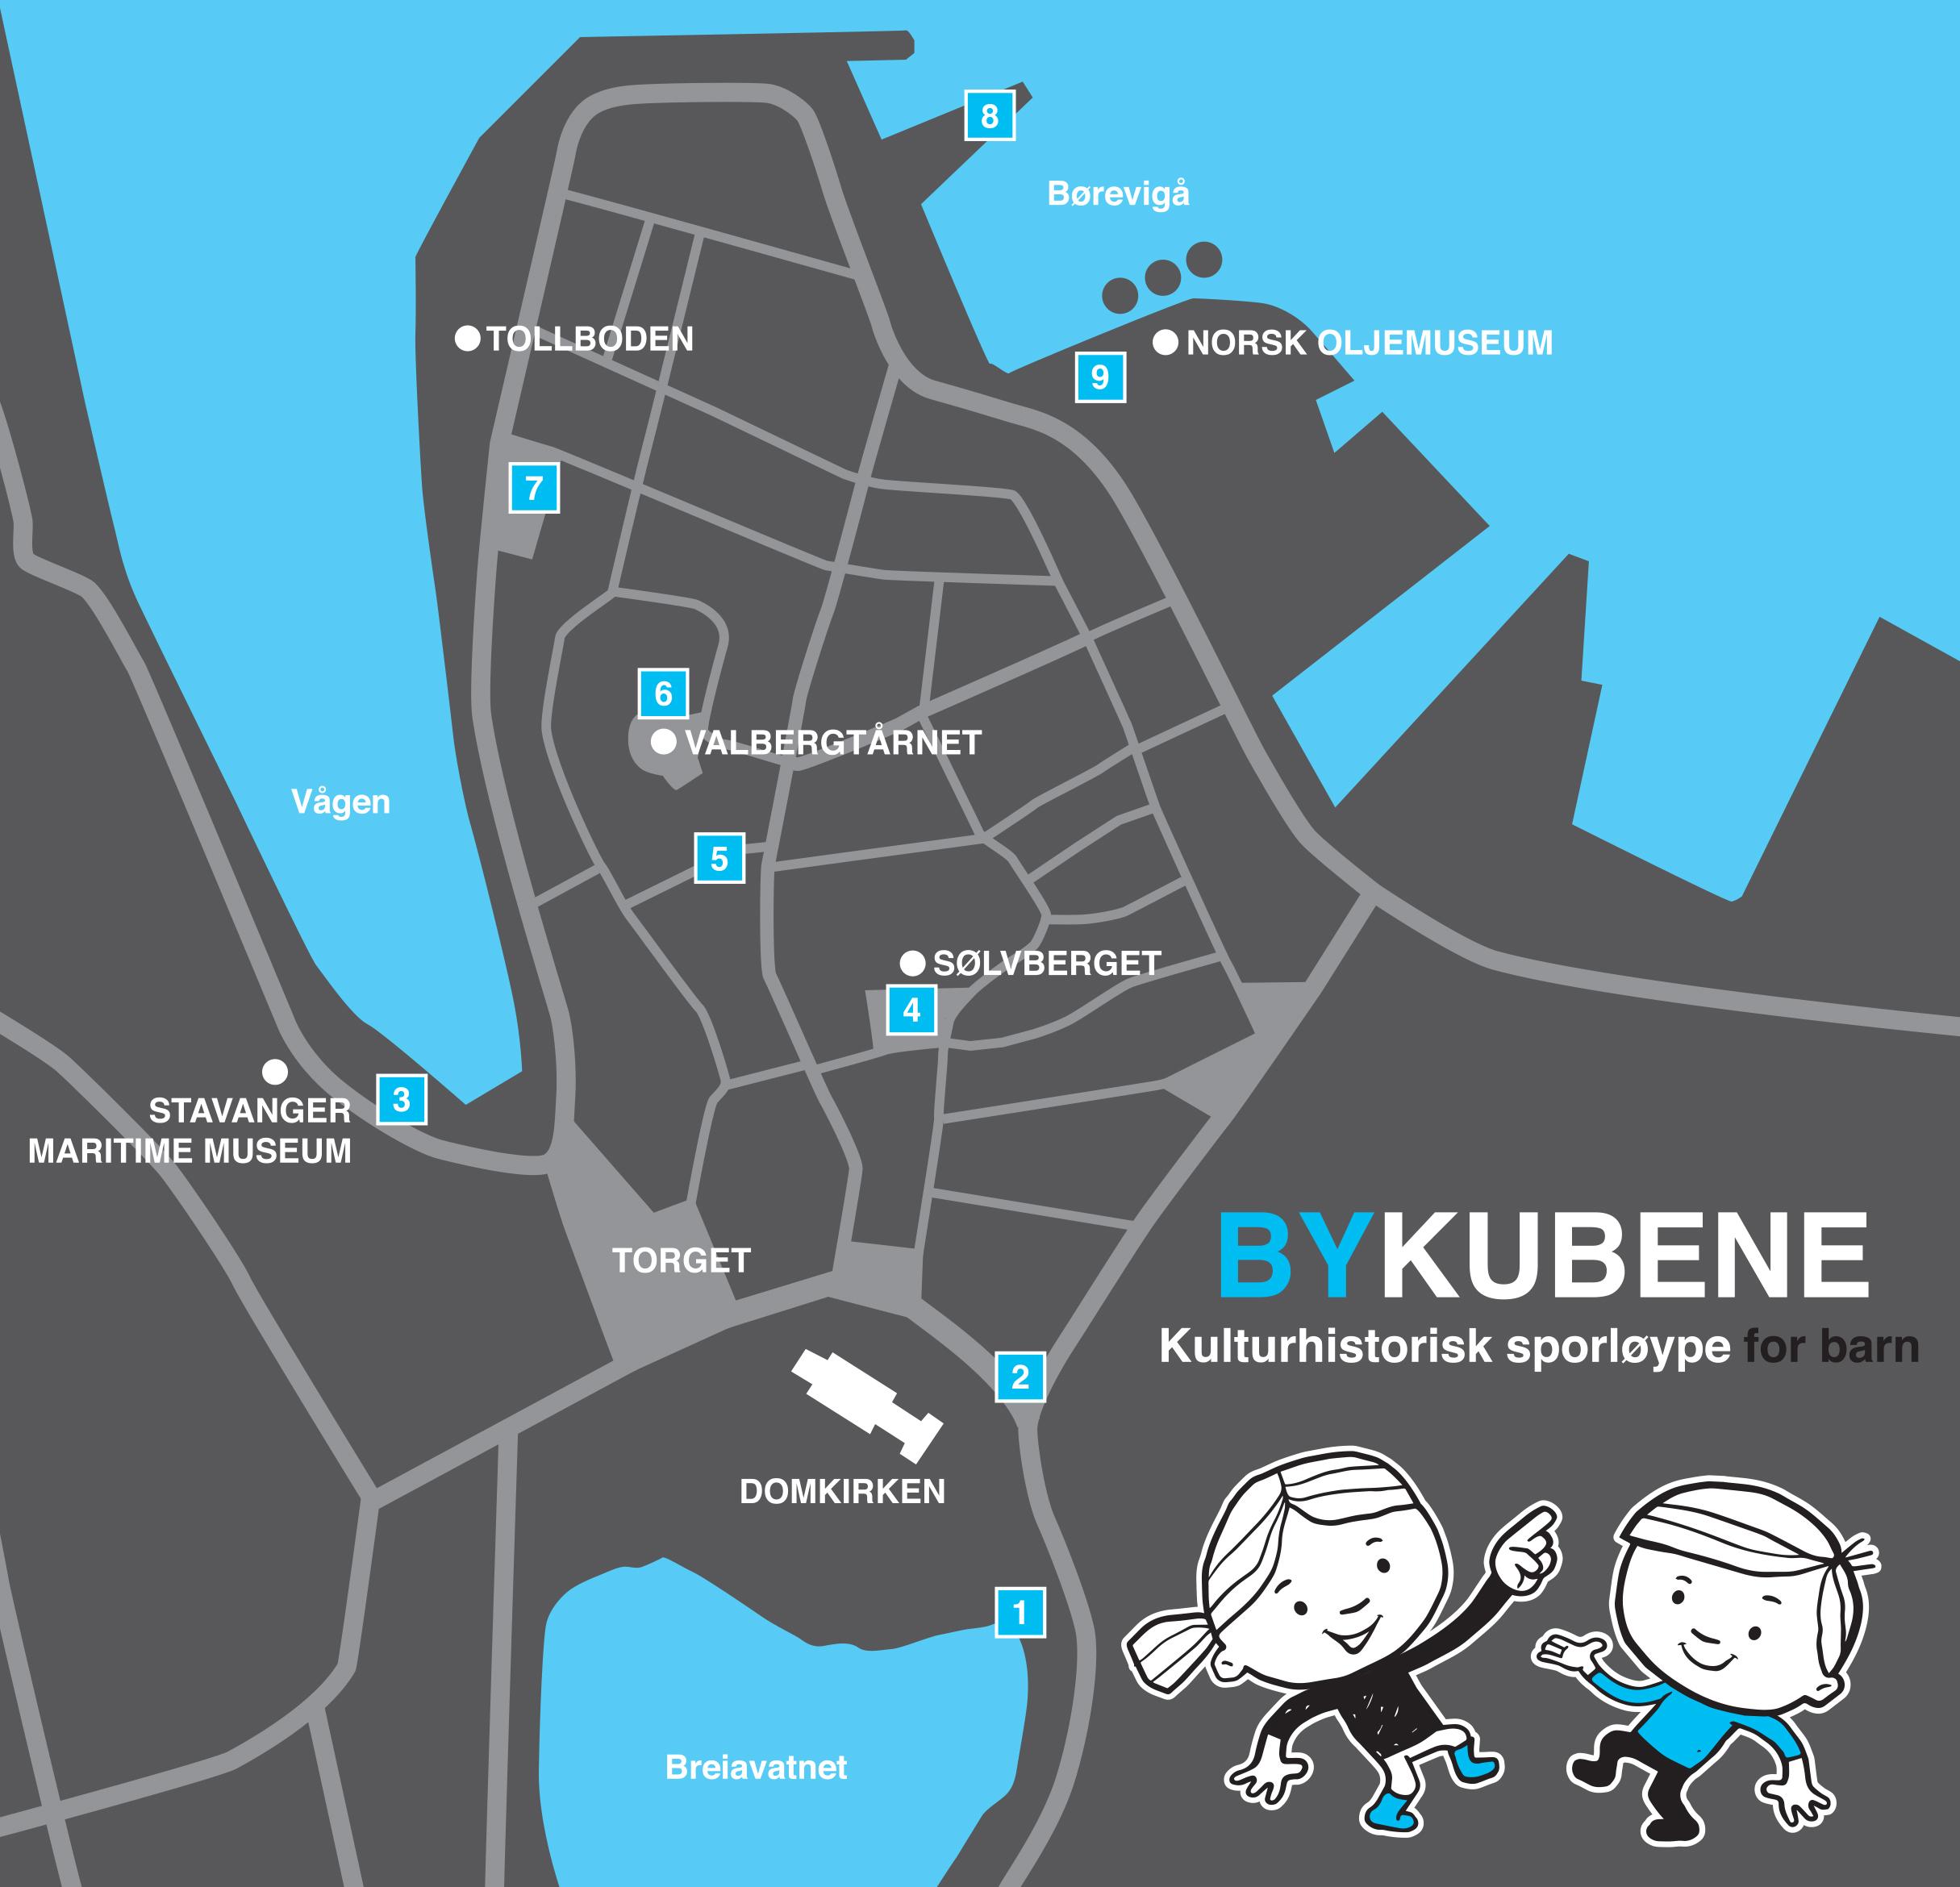 Bykubene-kart.jpg#asset:3054